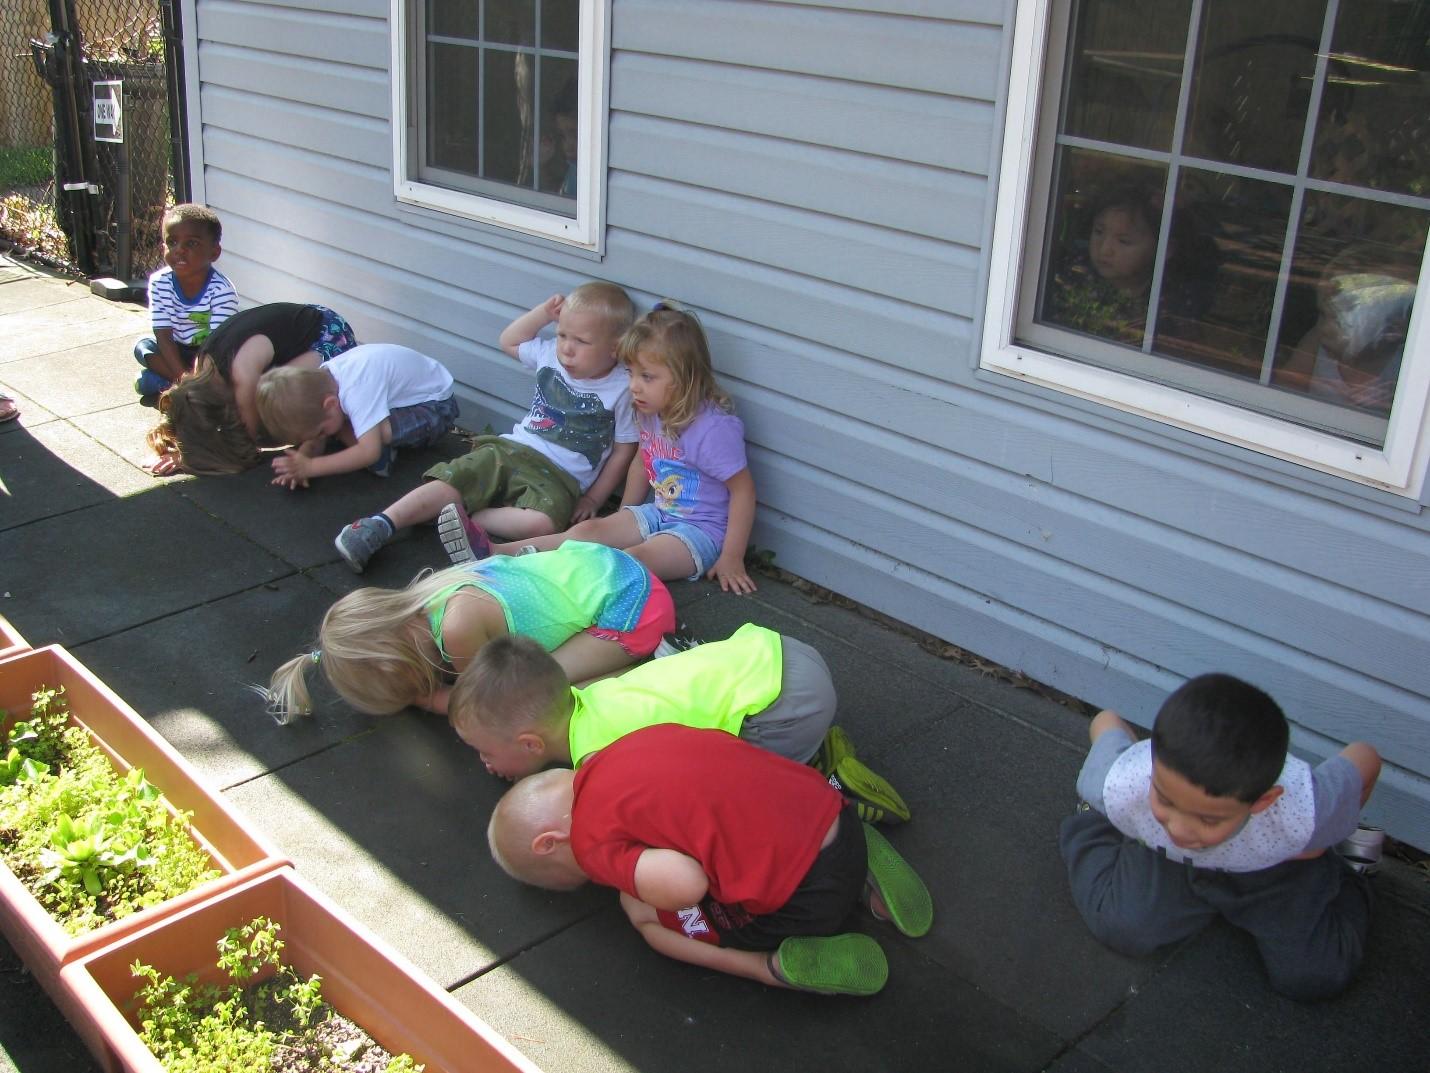 gardening with preschoolers, Leanne.jpg